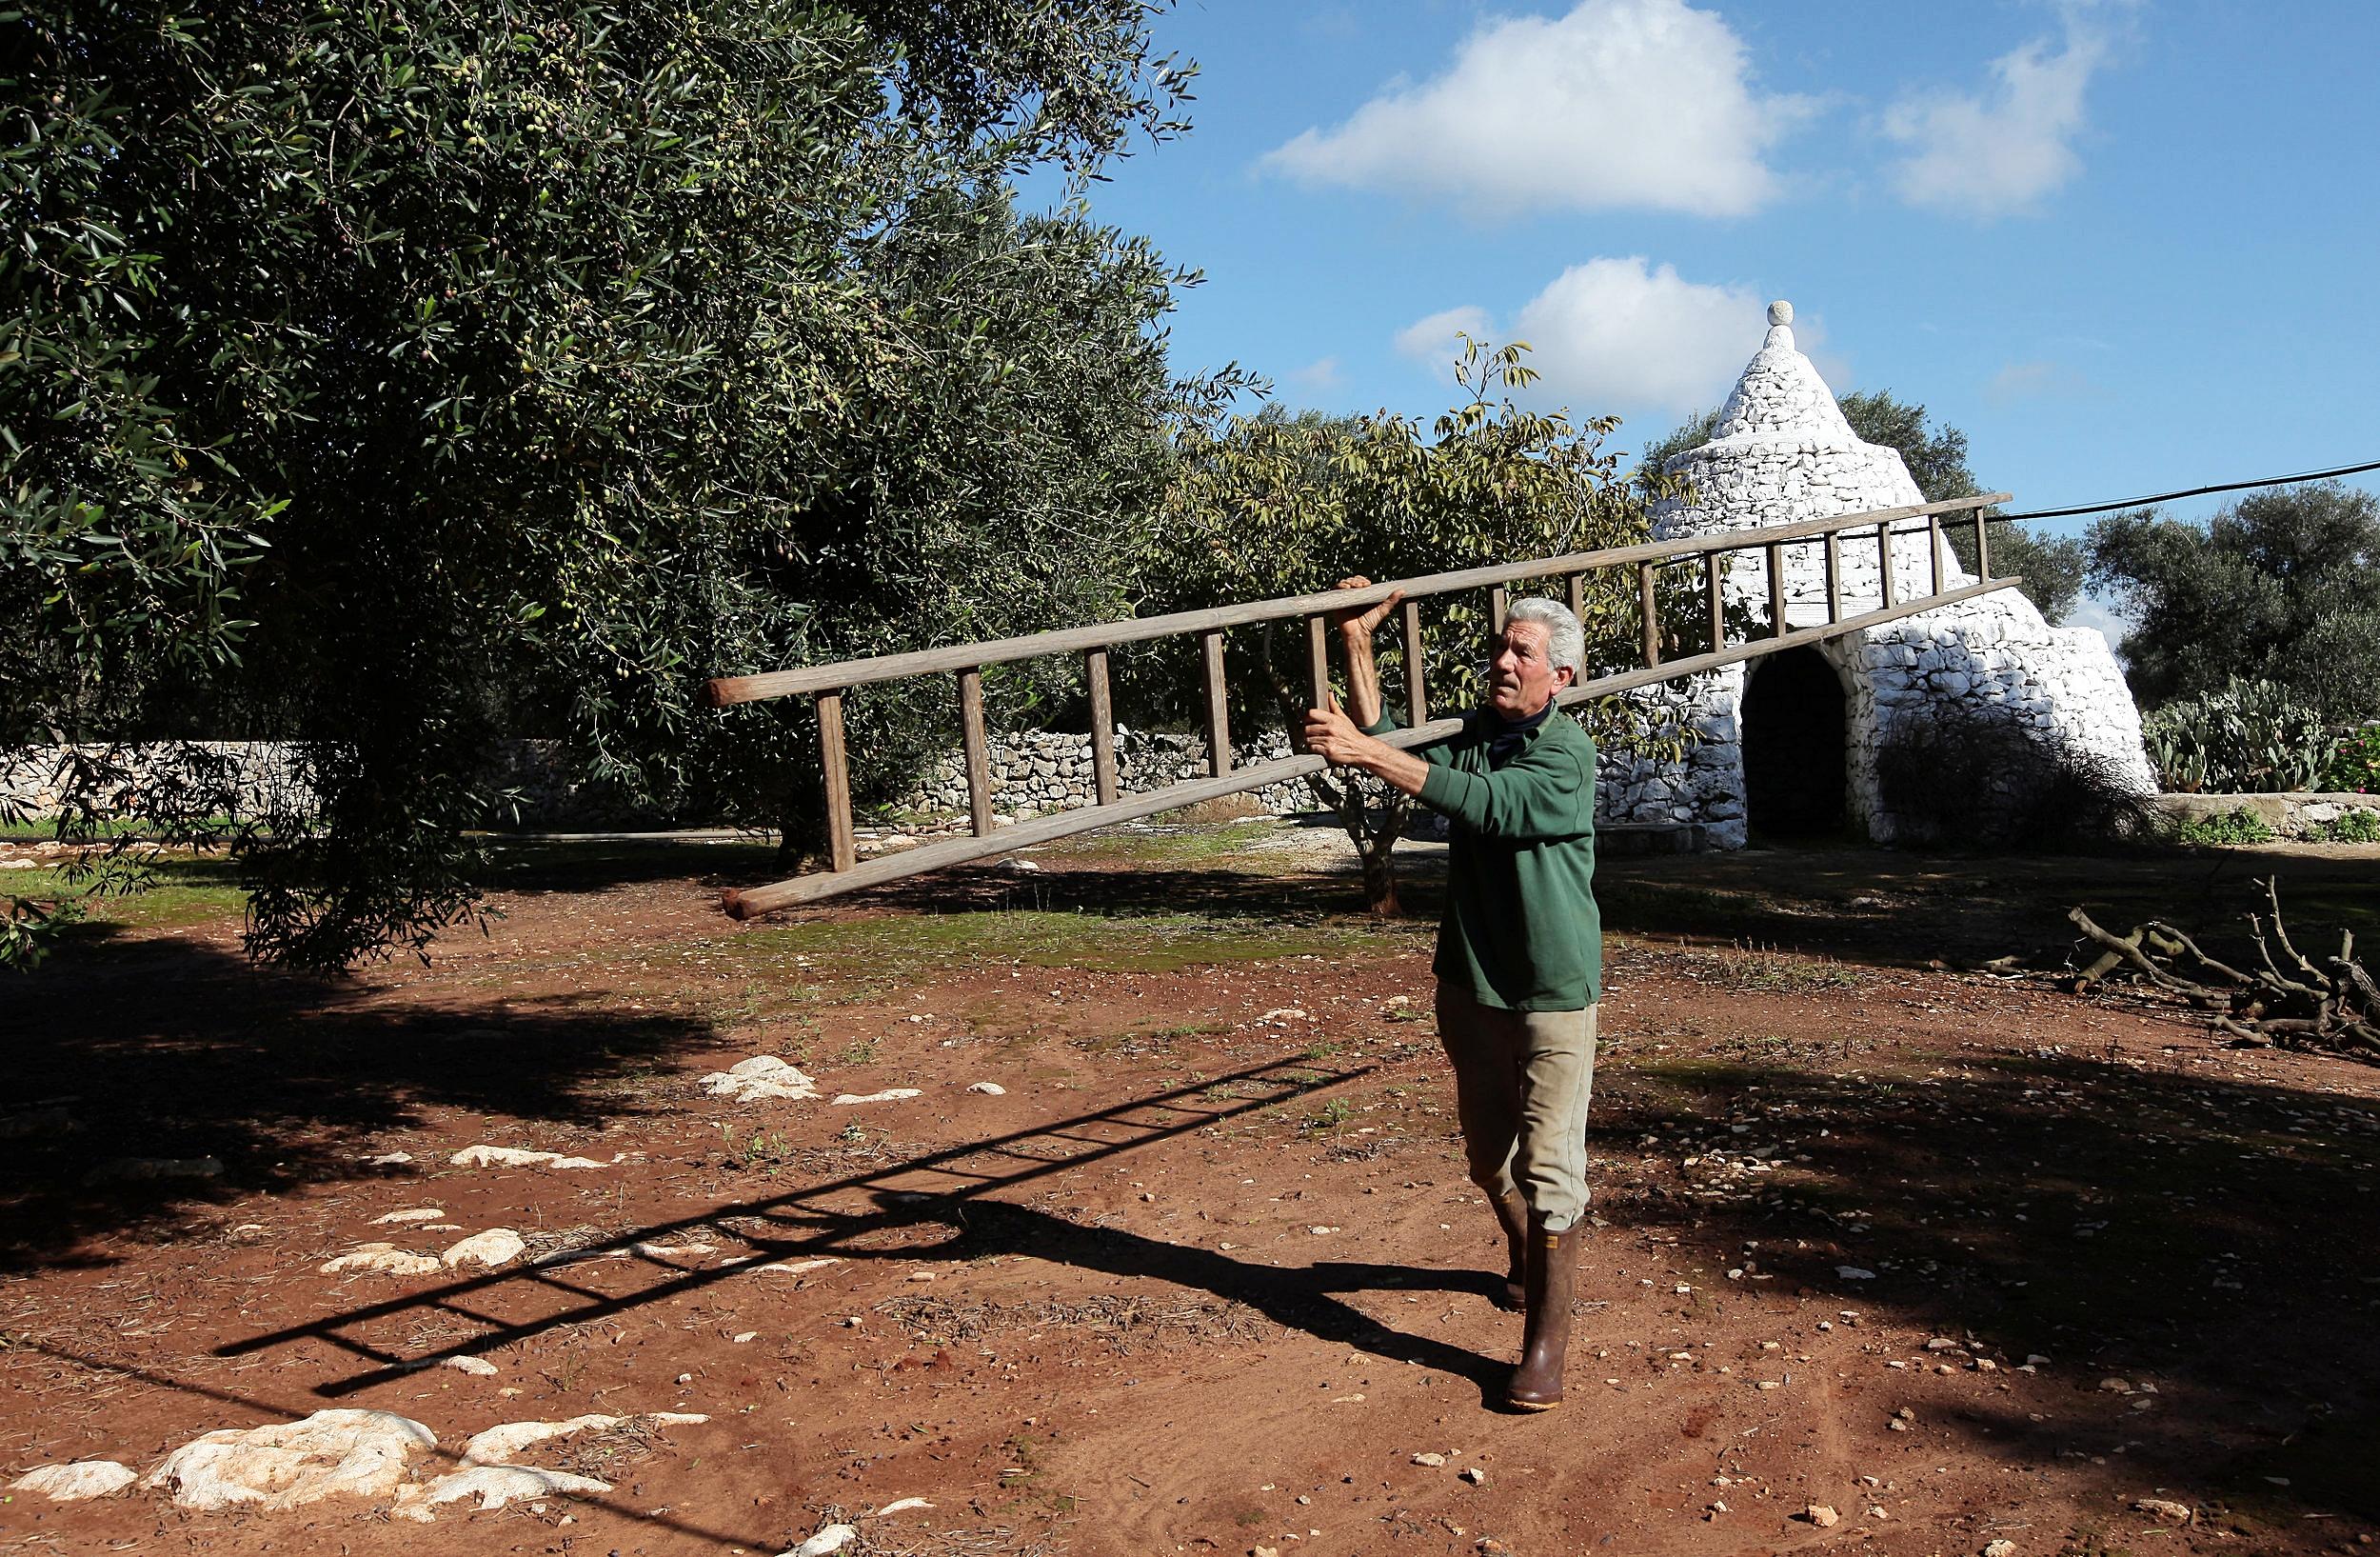 La Préparation - Généralement, la récolte des olives se fait à partir du mois d'Octobre et se termine en Janvier. La période varie en fonction de la maturité des olives. La zone géographique ainsi que l'ensoleillement définissent donc cette période.